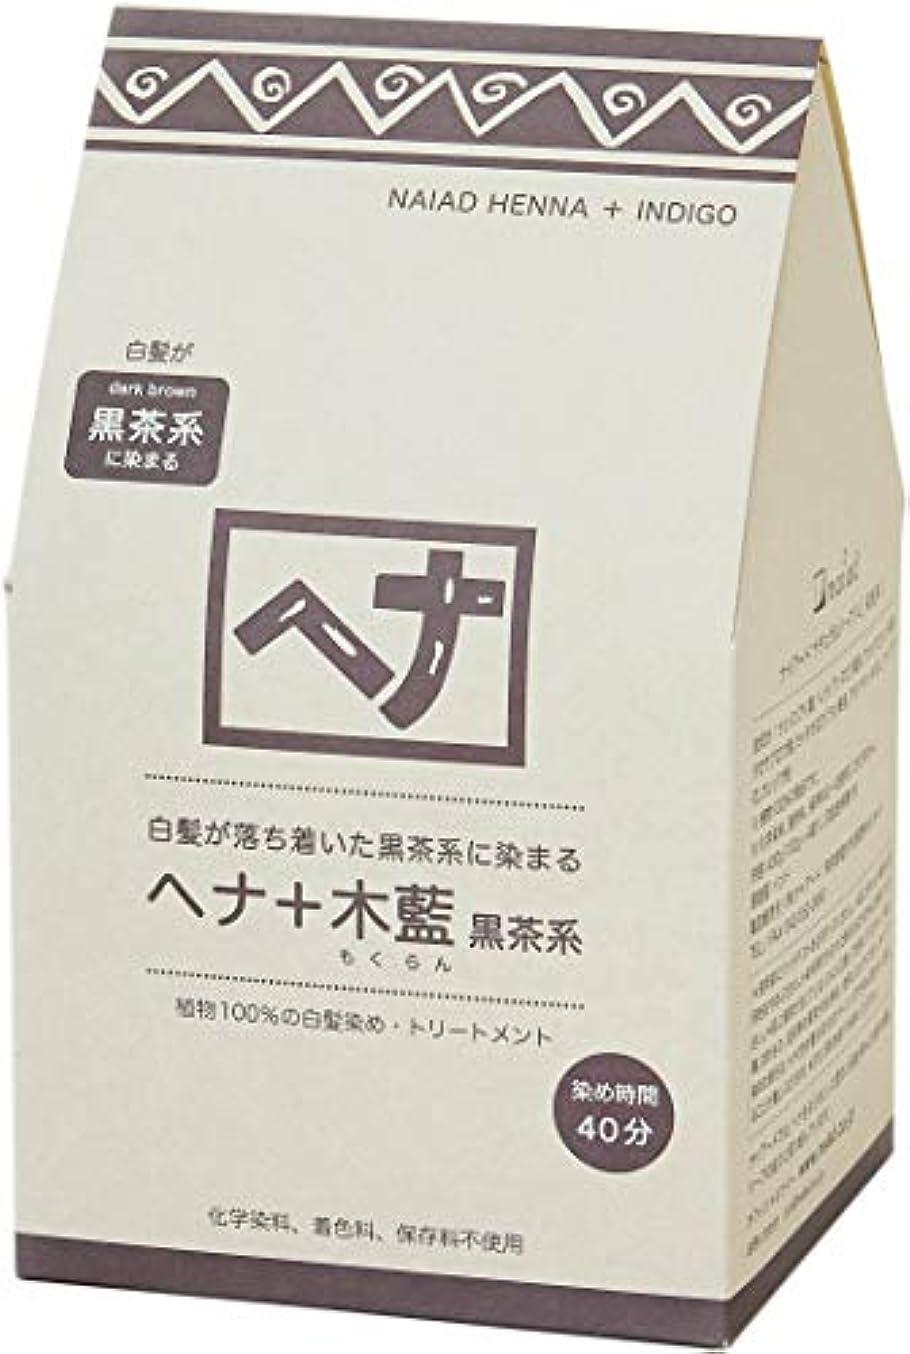 モッキンバードシプリー故意にNaiad(ナイアード) ヘナ+木藍 黒茶系 400g